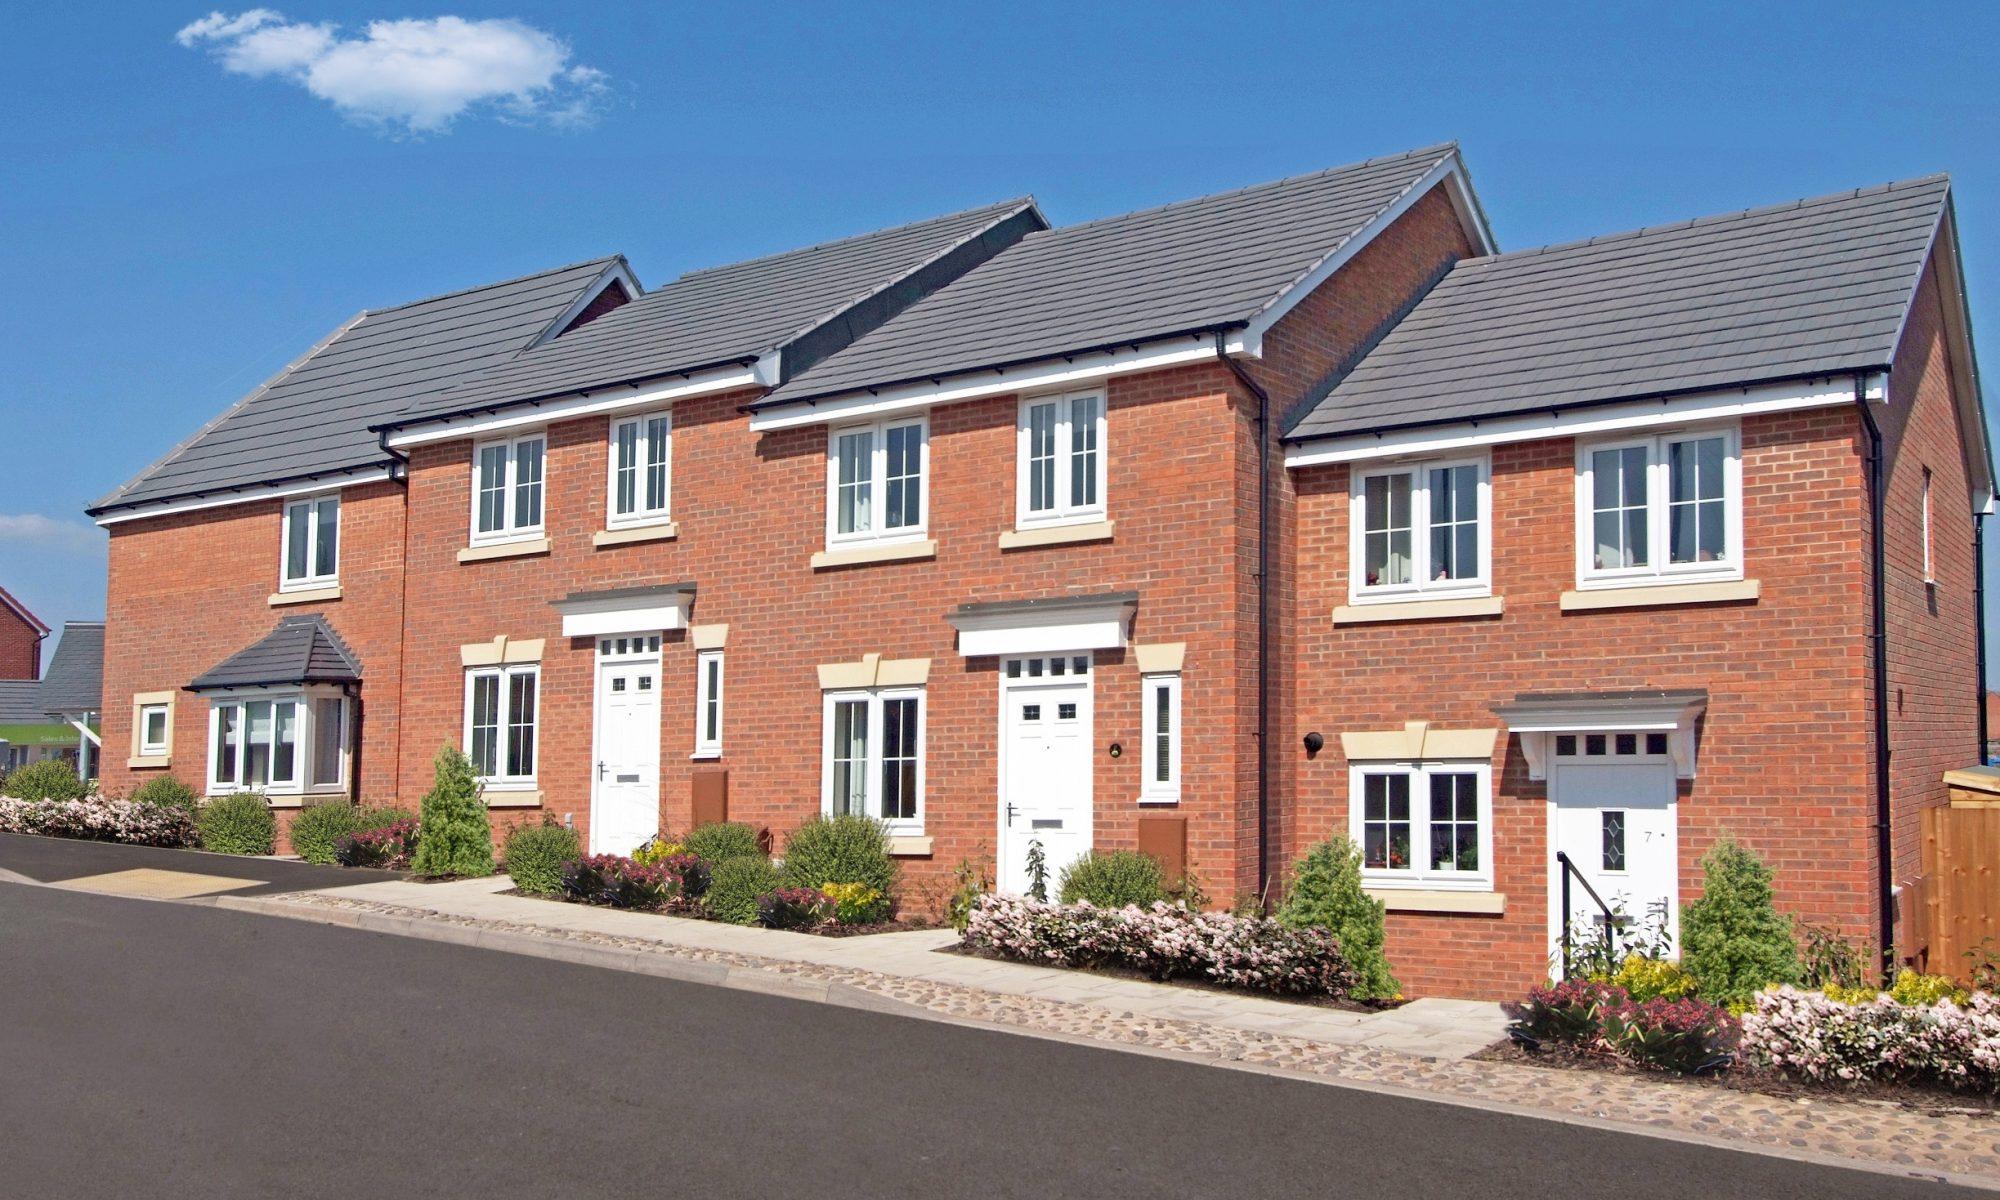 New Build Homes Stockport, Cheshire | JML Developments